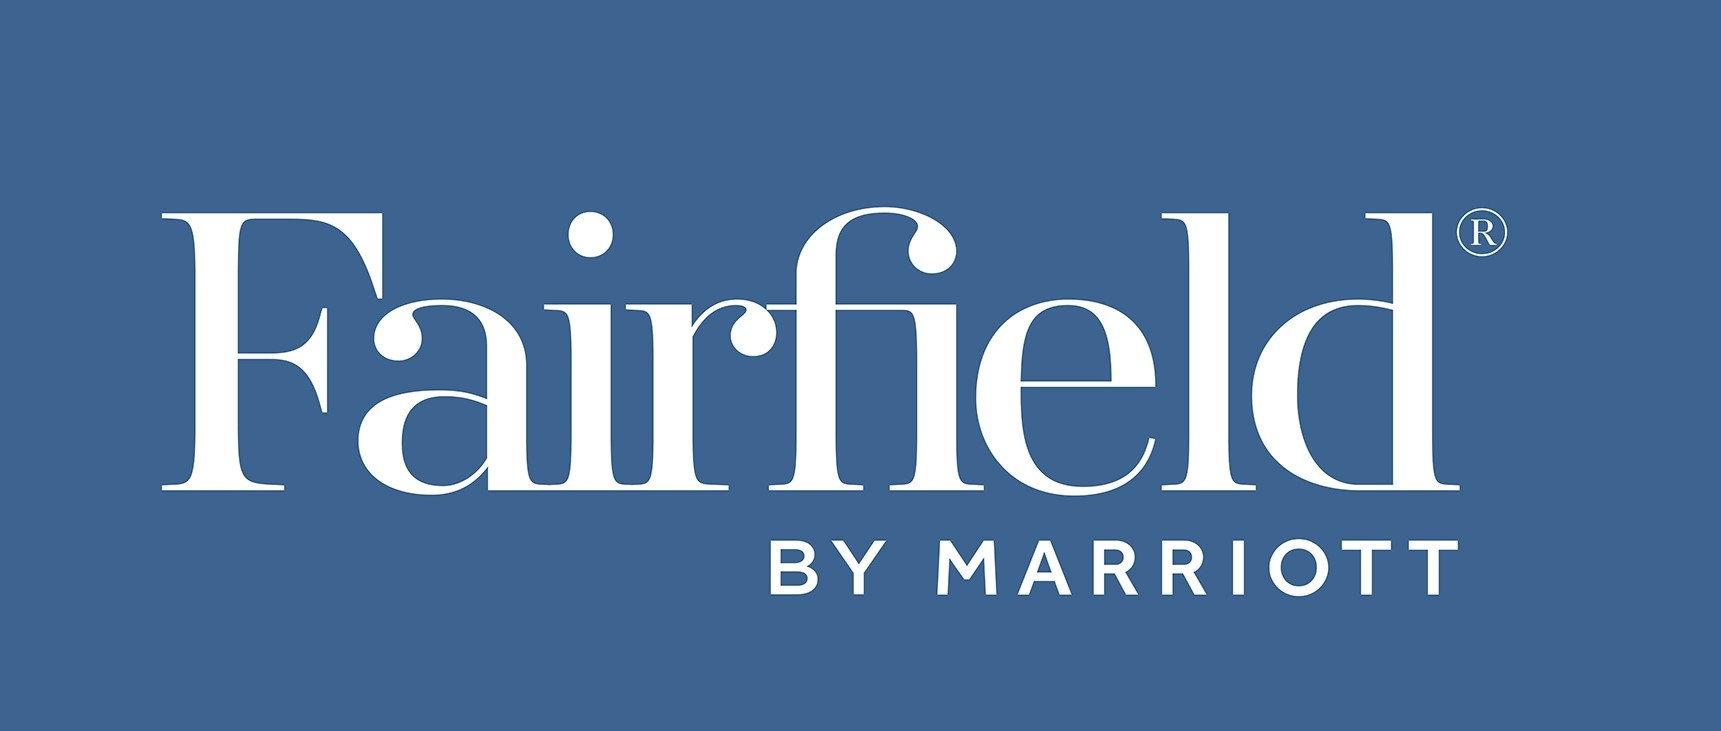 FAIRFIELD MARRIOTT LOGO.jpg